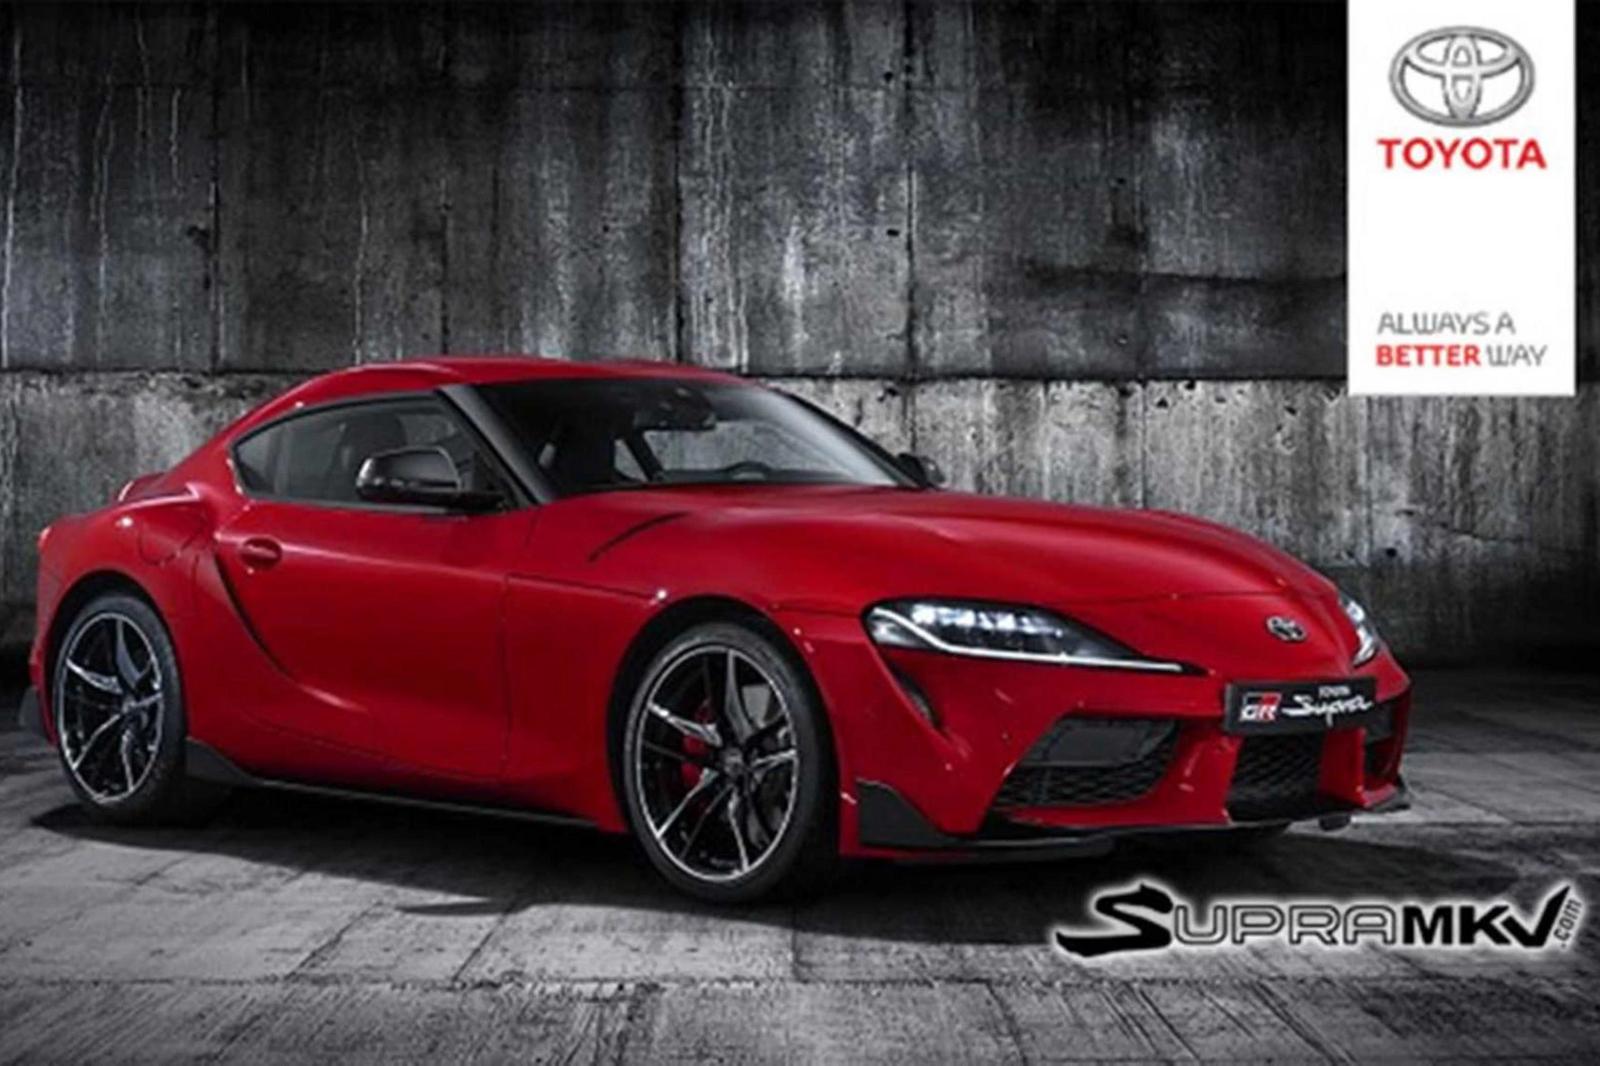 Lộ diện Ttiết kế  của Toyota Supra thế hệ mới - Hình 1